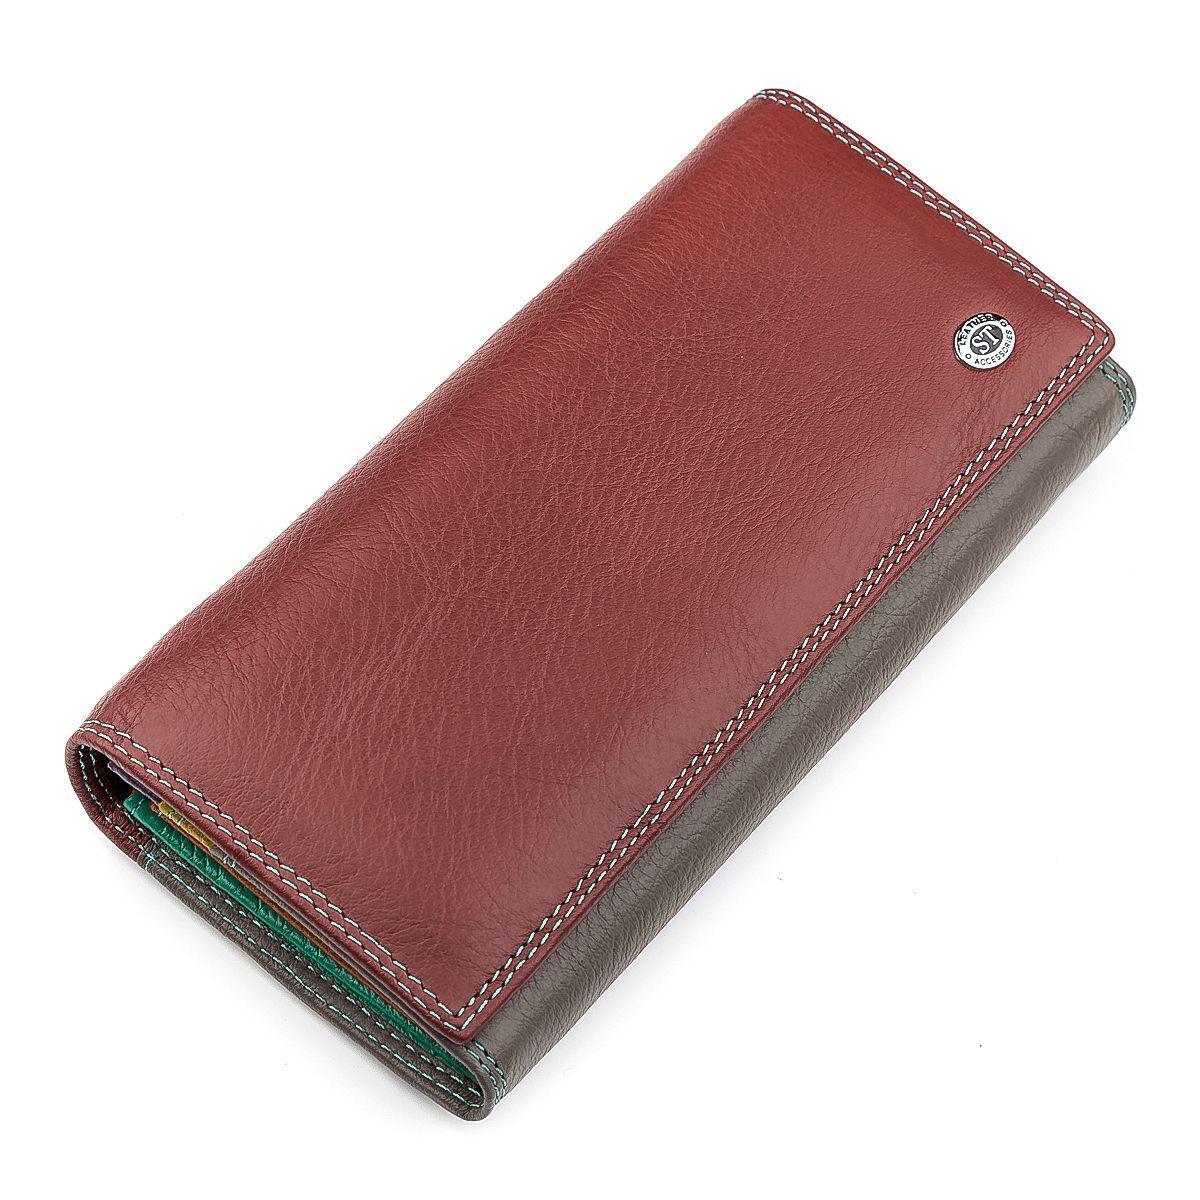 Кошелек женский ST Leather 18387 (SB237) очень красивый Бордовый